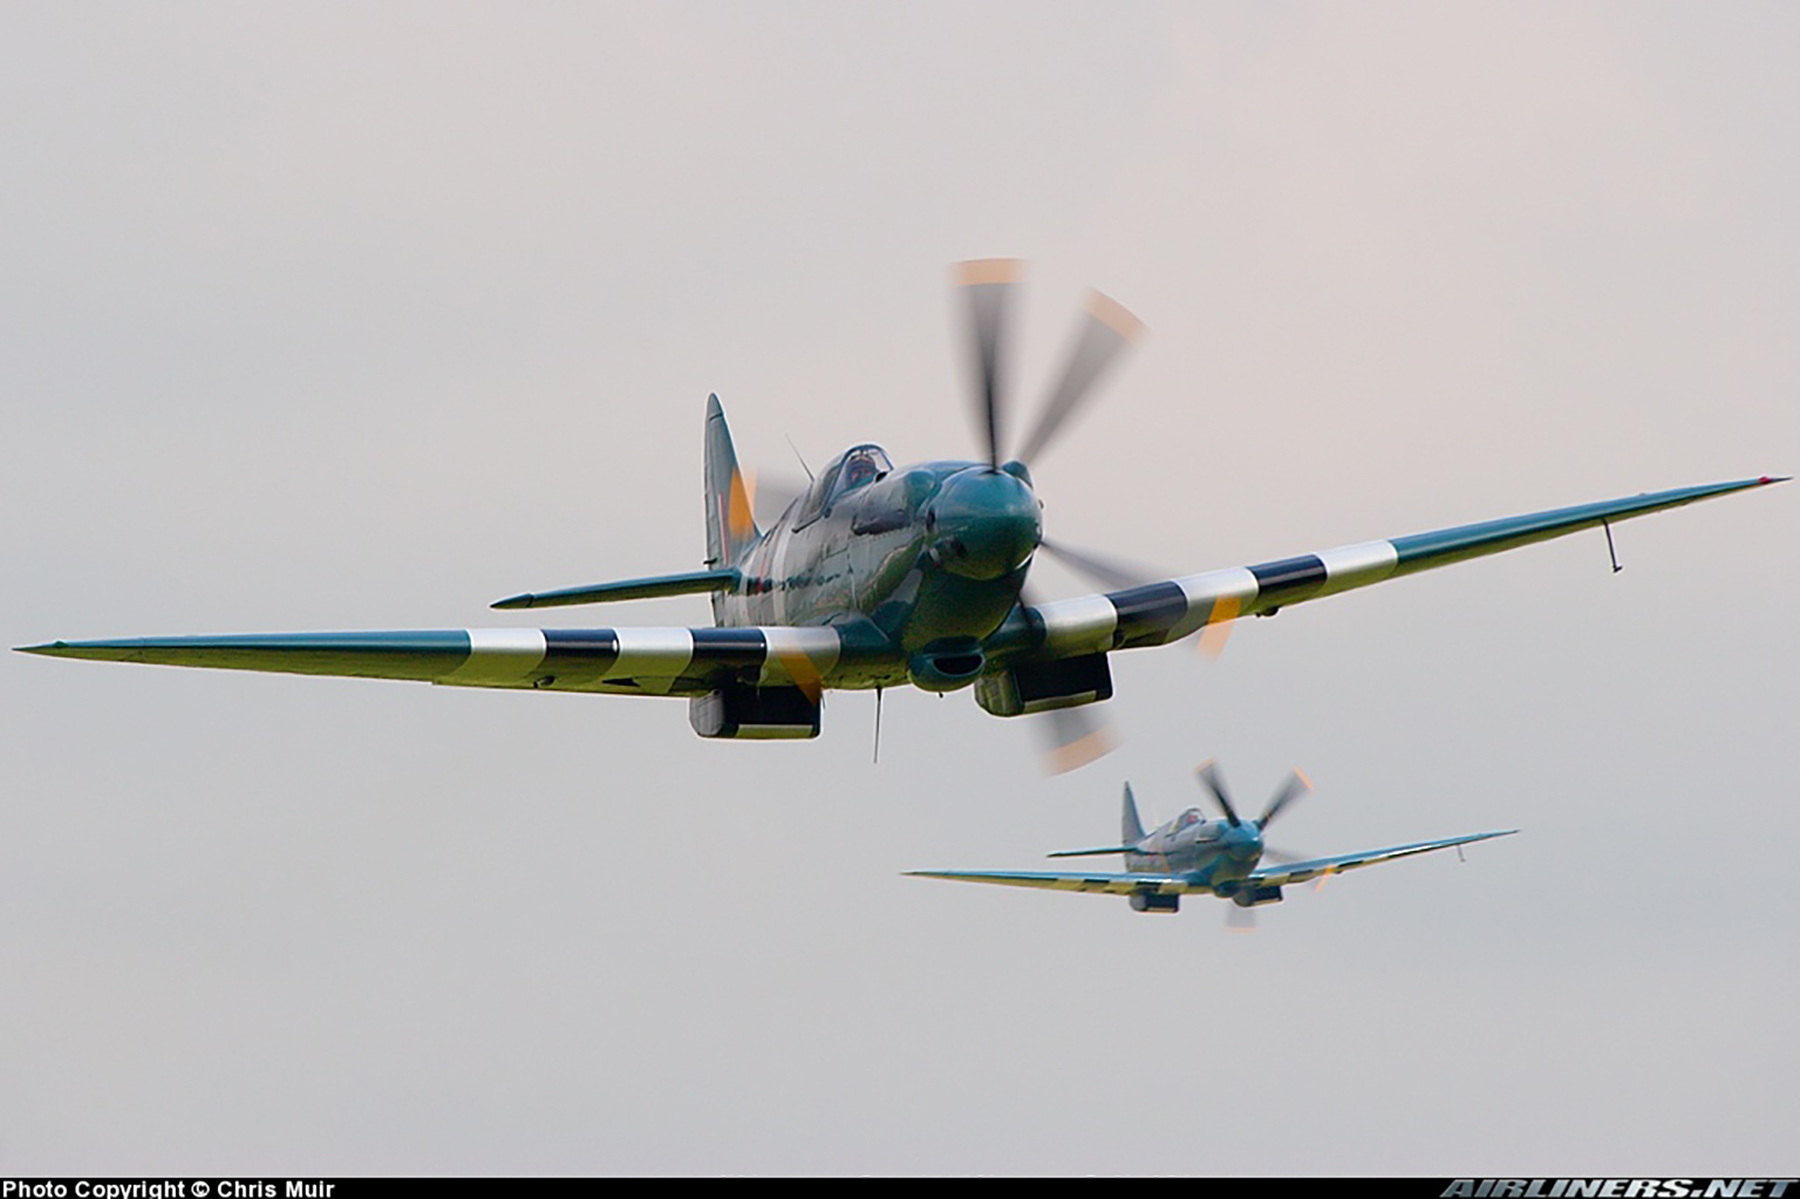 Airworthy Spitfire warbird PRXIX RAF PS890 F AZJS 09